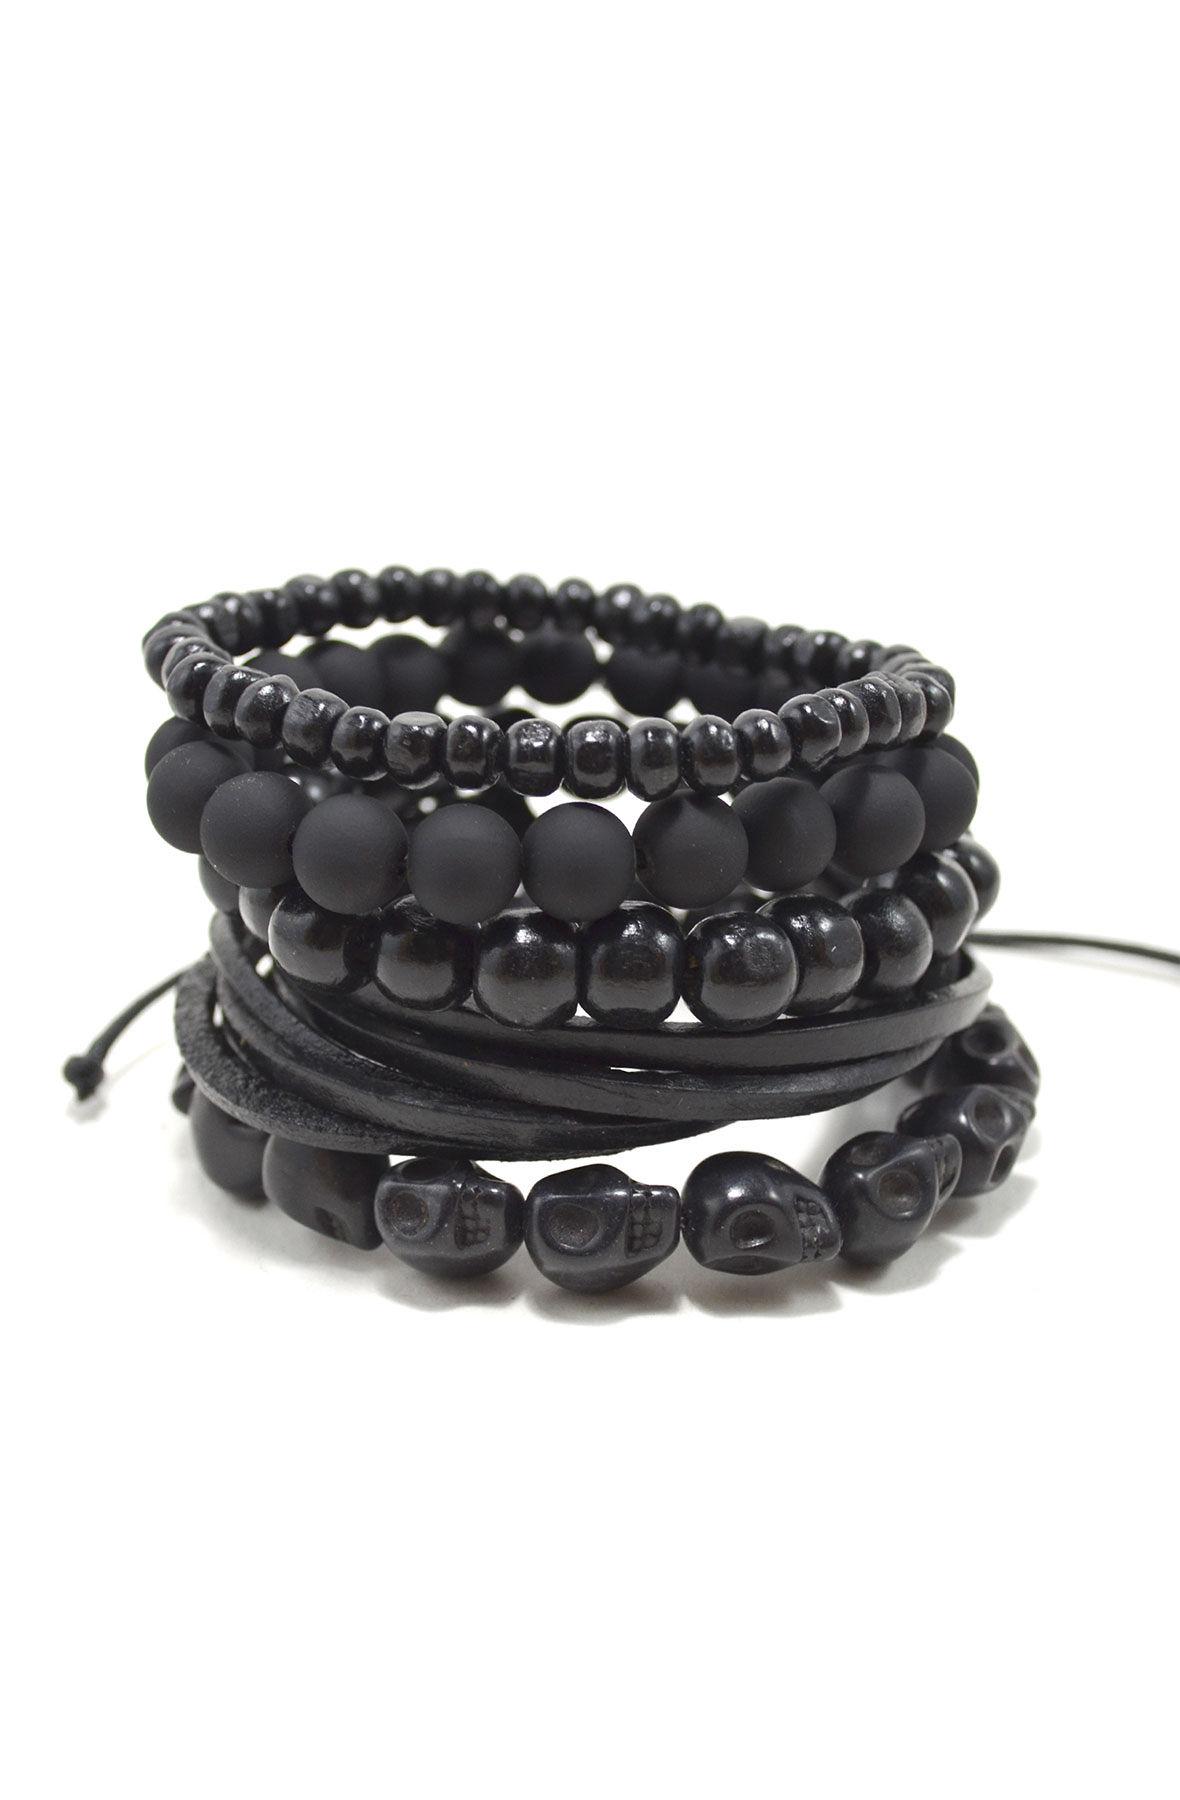 Image of 5 Pack Men's Bracelet Set / Blackout